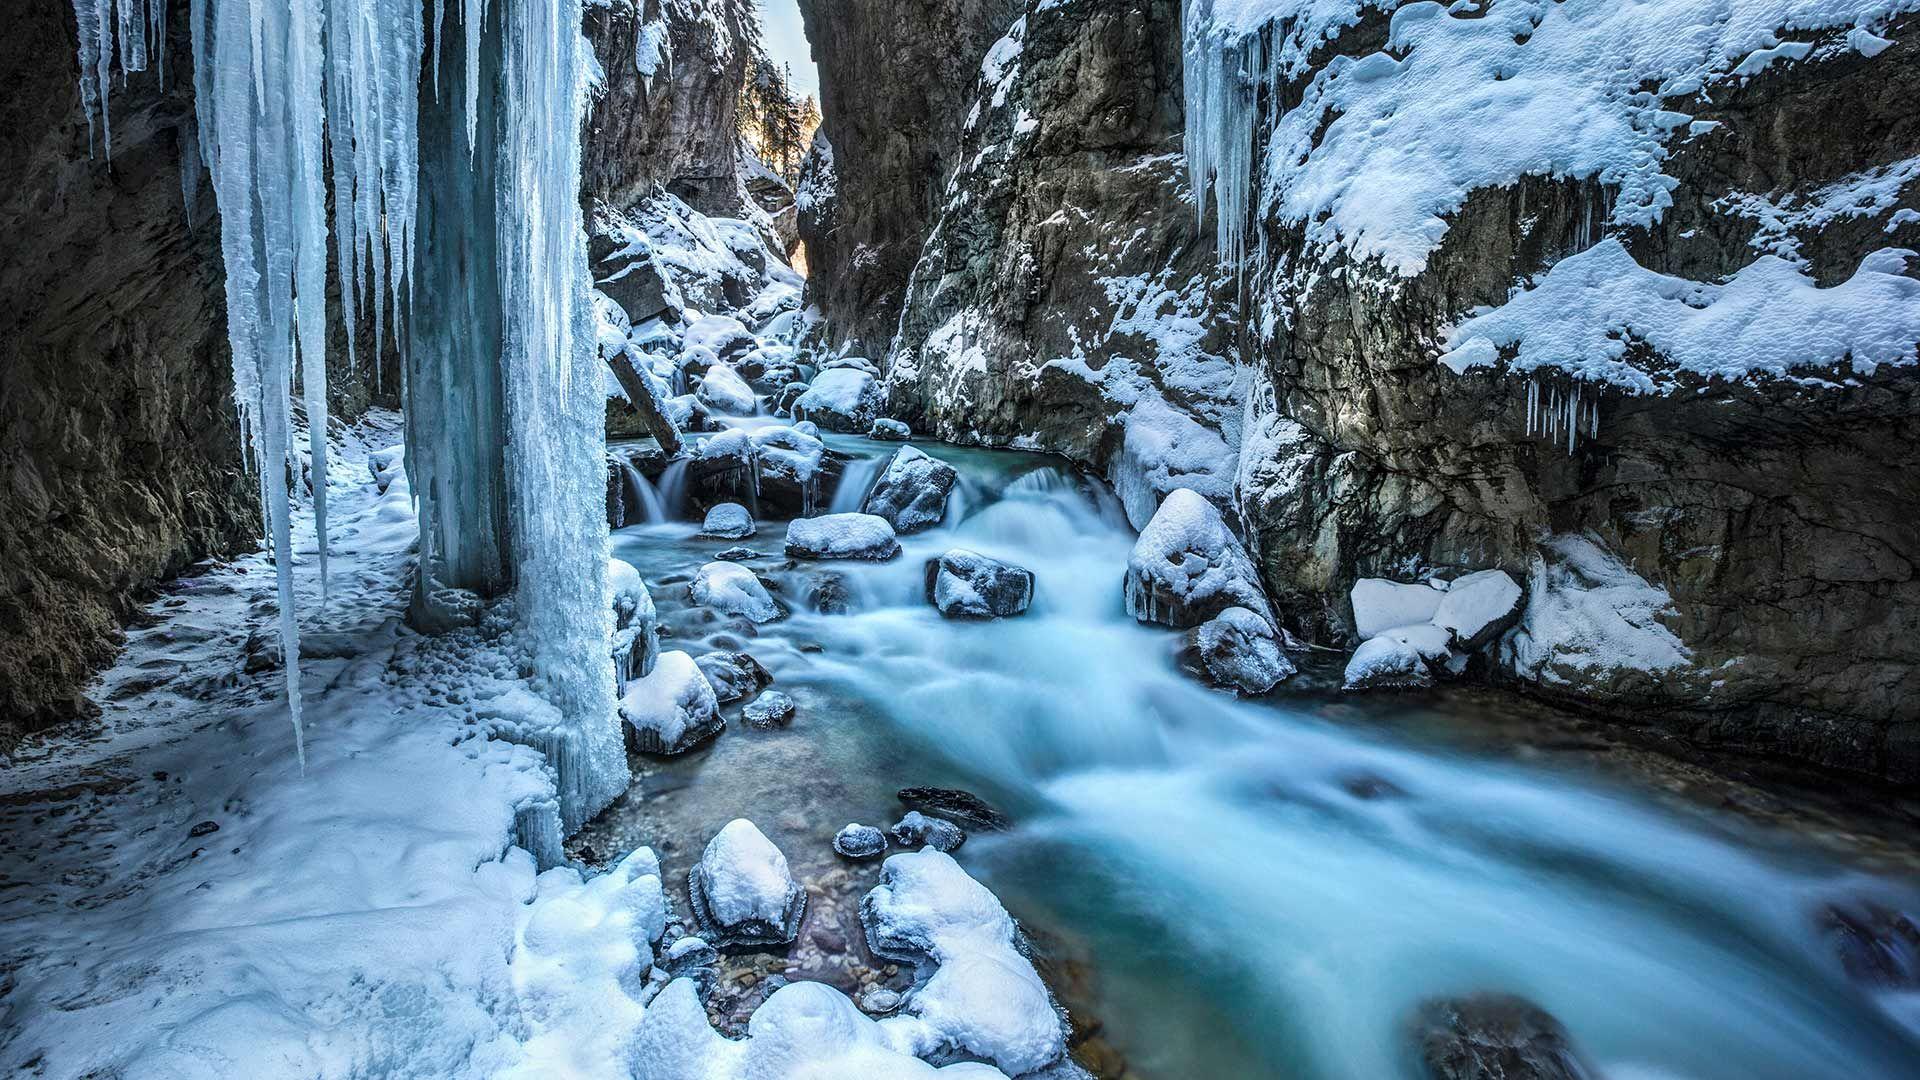 Partnachklamm im Winter, GarmischPartenkirchen, Bayern